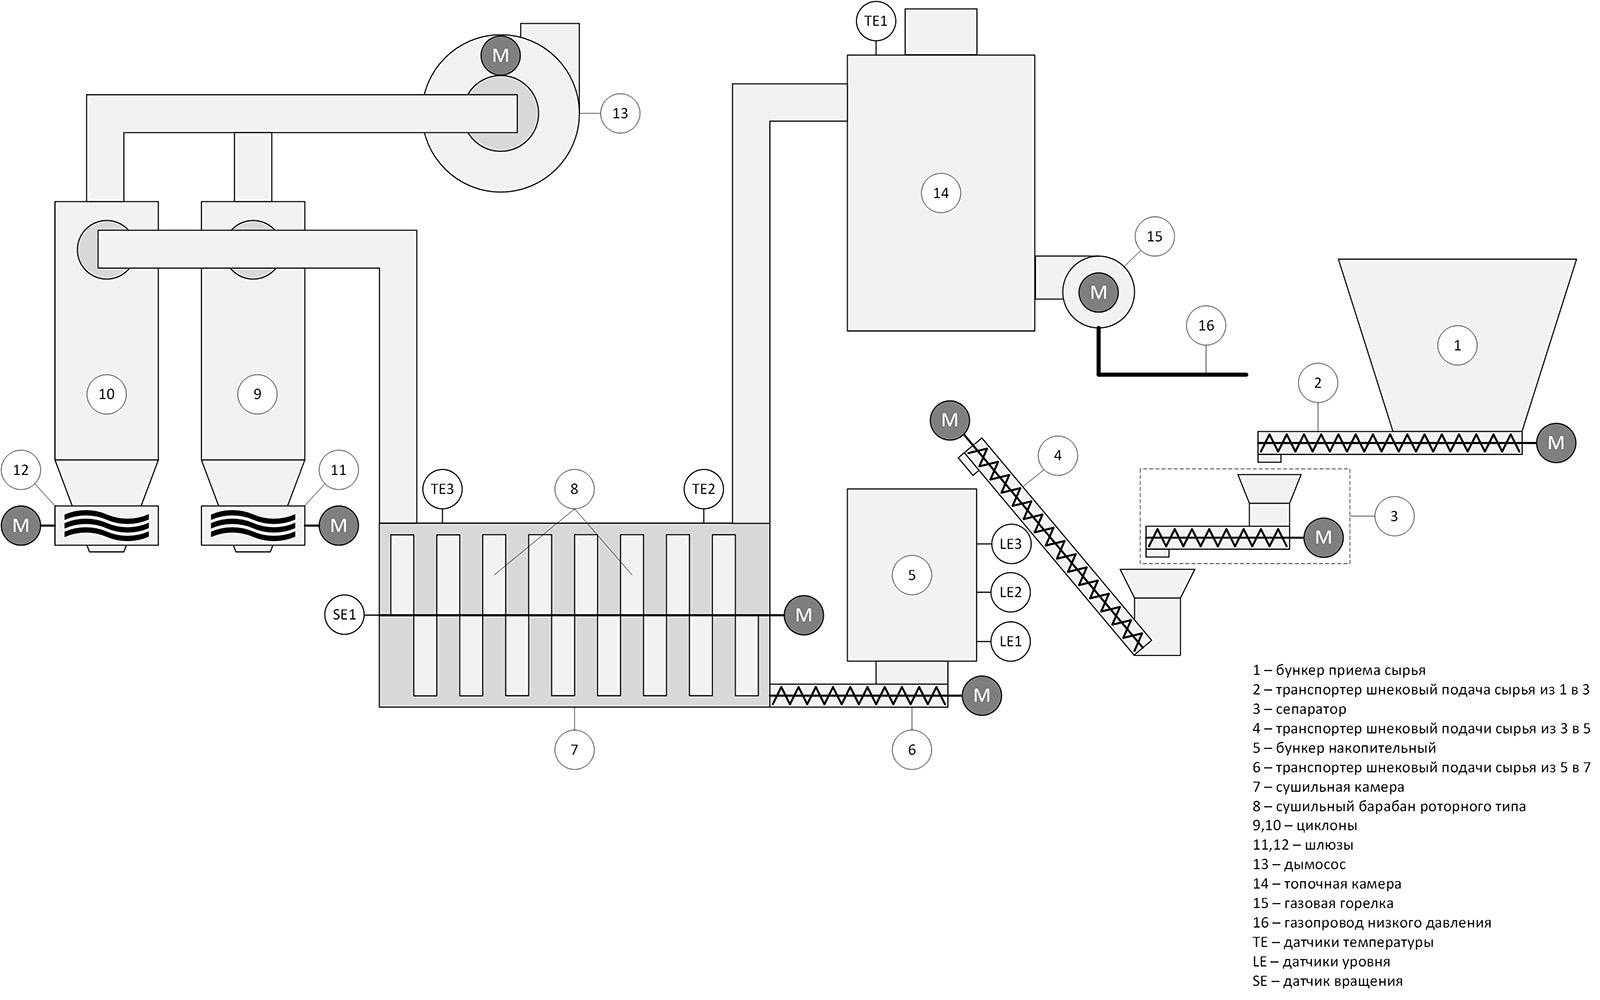 Автоматизация сушильной камеры для сушки пивной дробины - технологическая схема